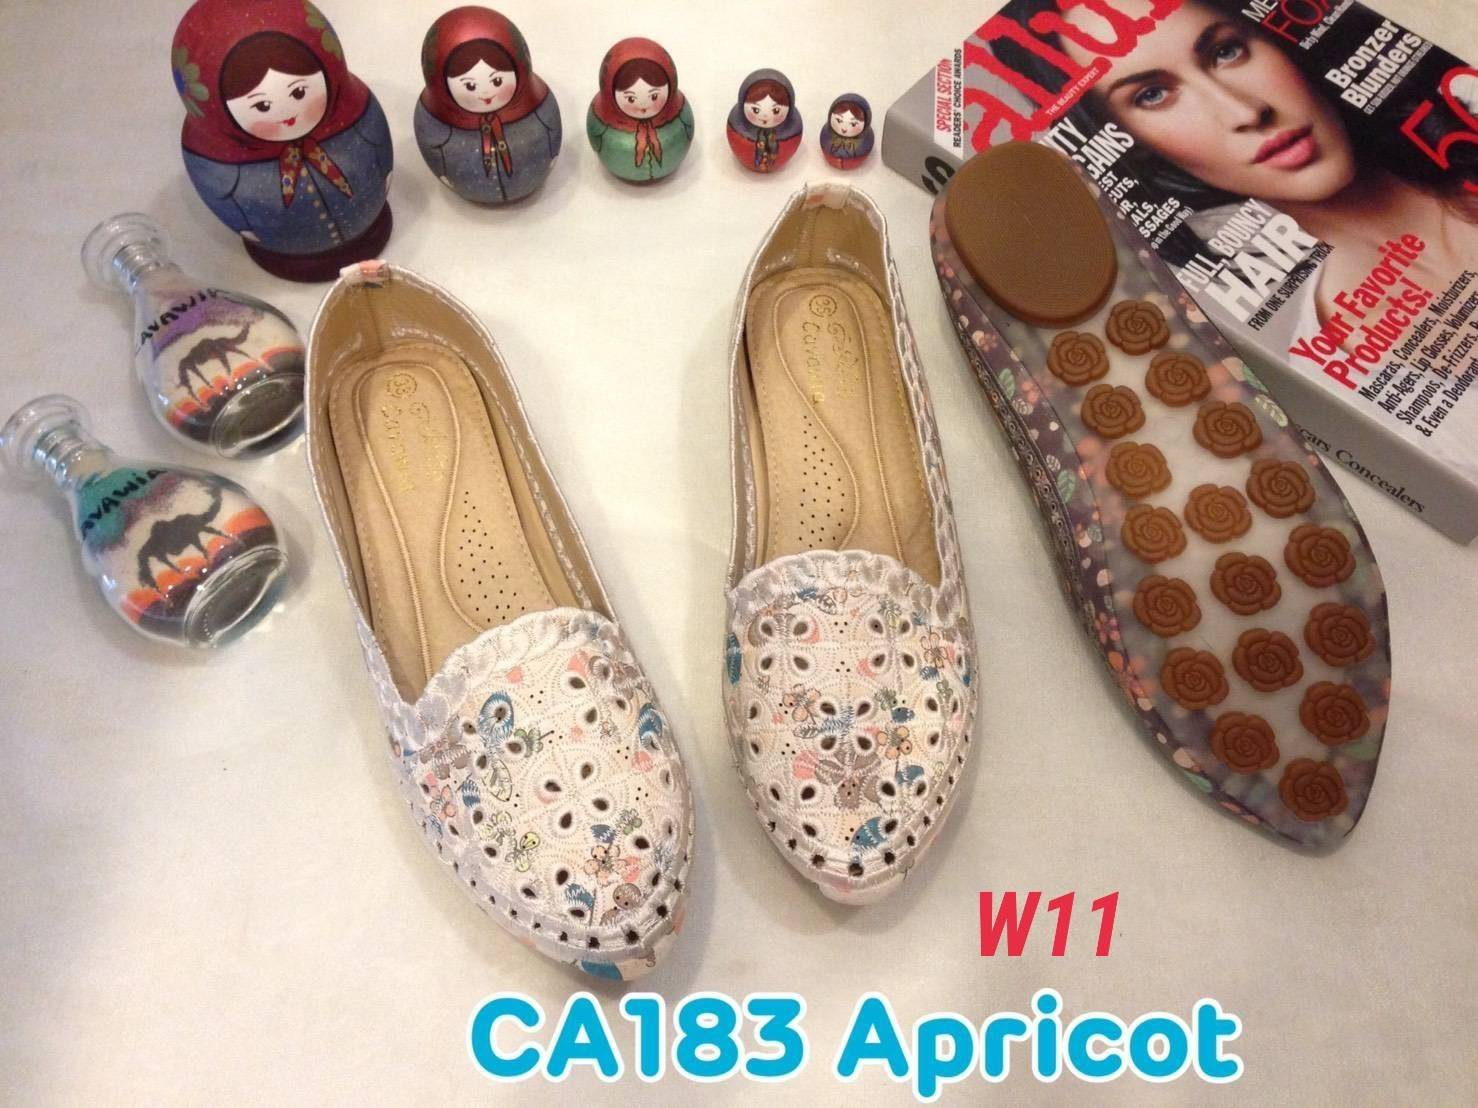 รองเท้าคัทชู ส้นแบน แต่งลายดอกไม้ ฉลุลายสวยหวานสไตล์วินเทจ หนังนิ่ม ทรงสวย ใส่สบาย แมทสวยได้ทุกชุด (CA183)